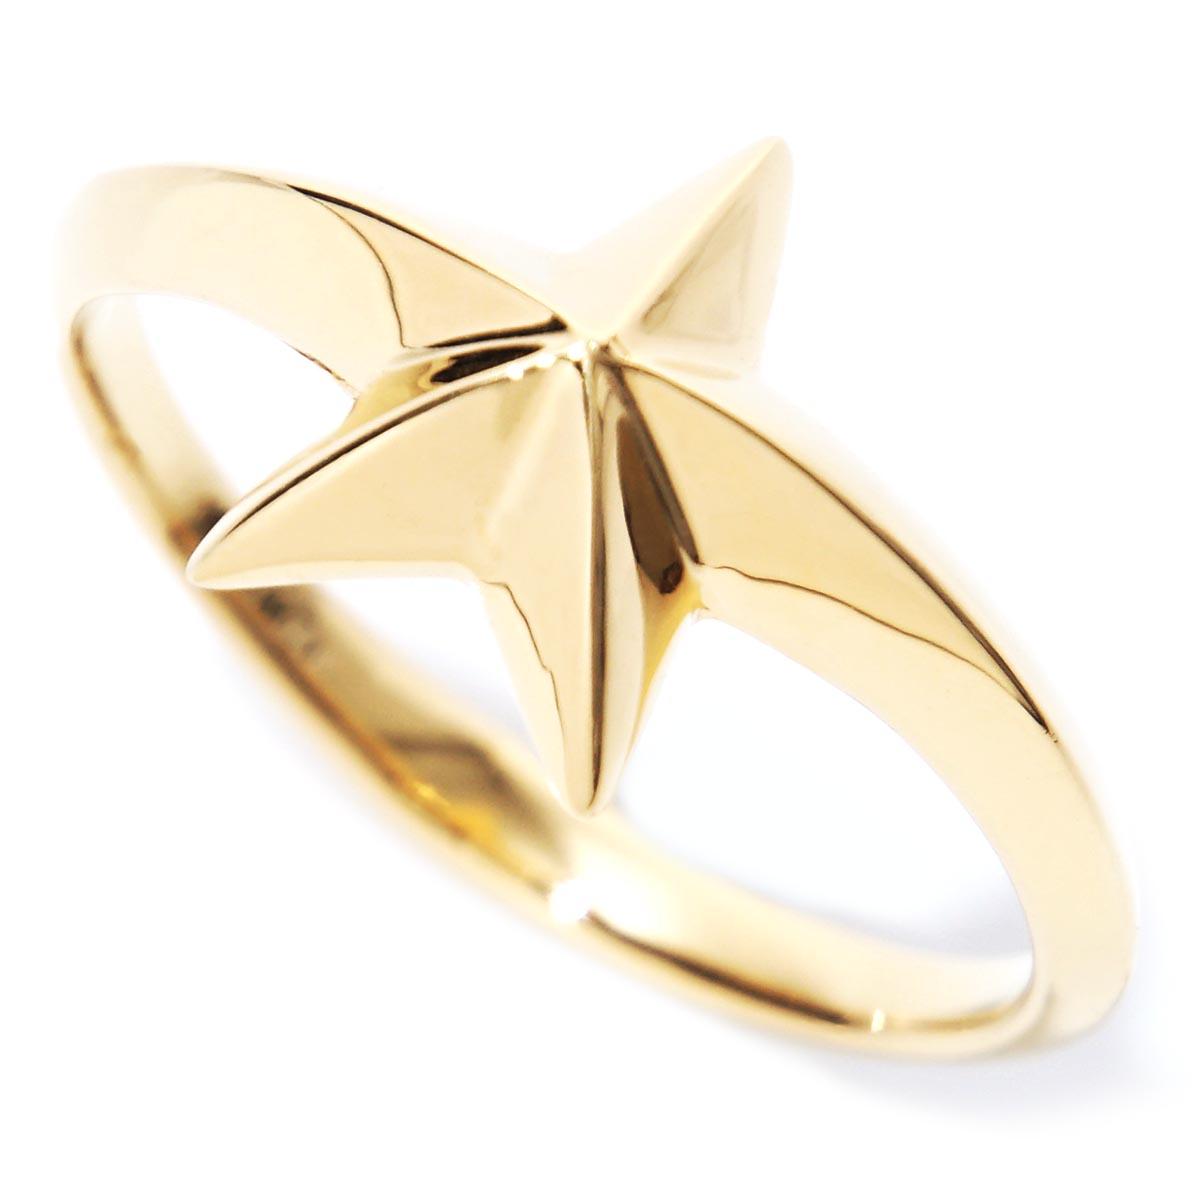 ガーデル GARDEL リング 指輪 ゴールド メンズ gdr073 k18yg st BAMBINA【あす楽対応_関東】【返品交換不可】【ラッピング無料】